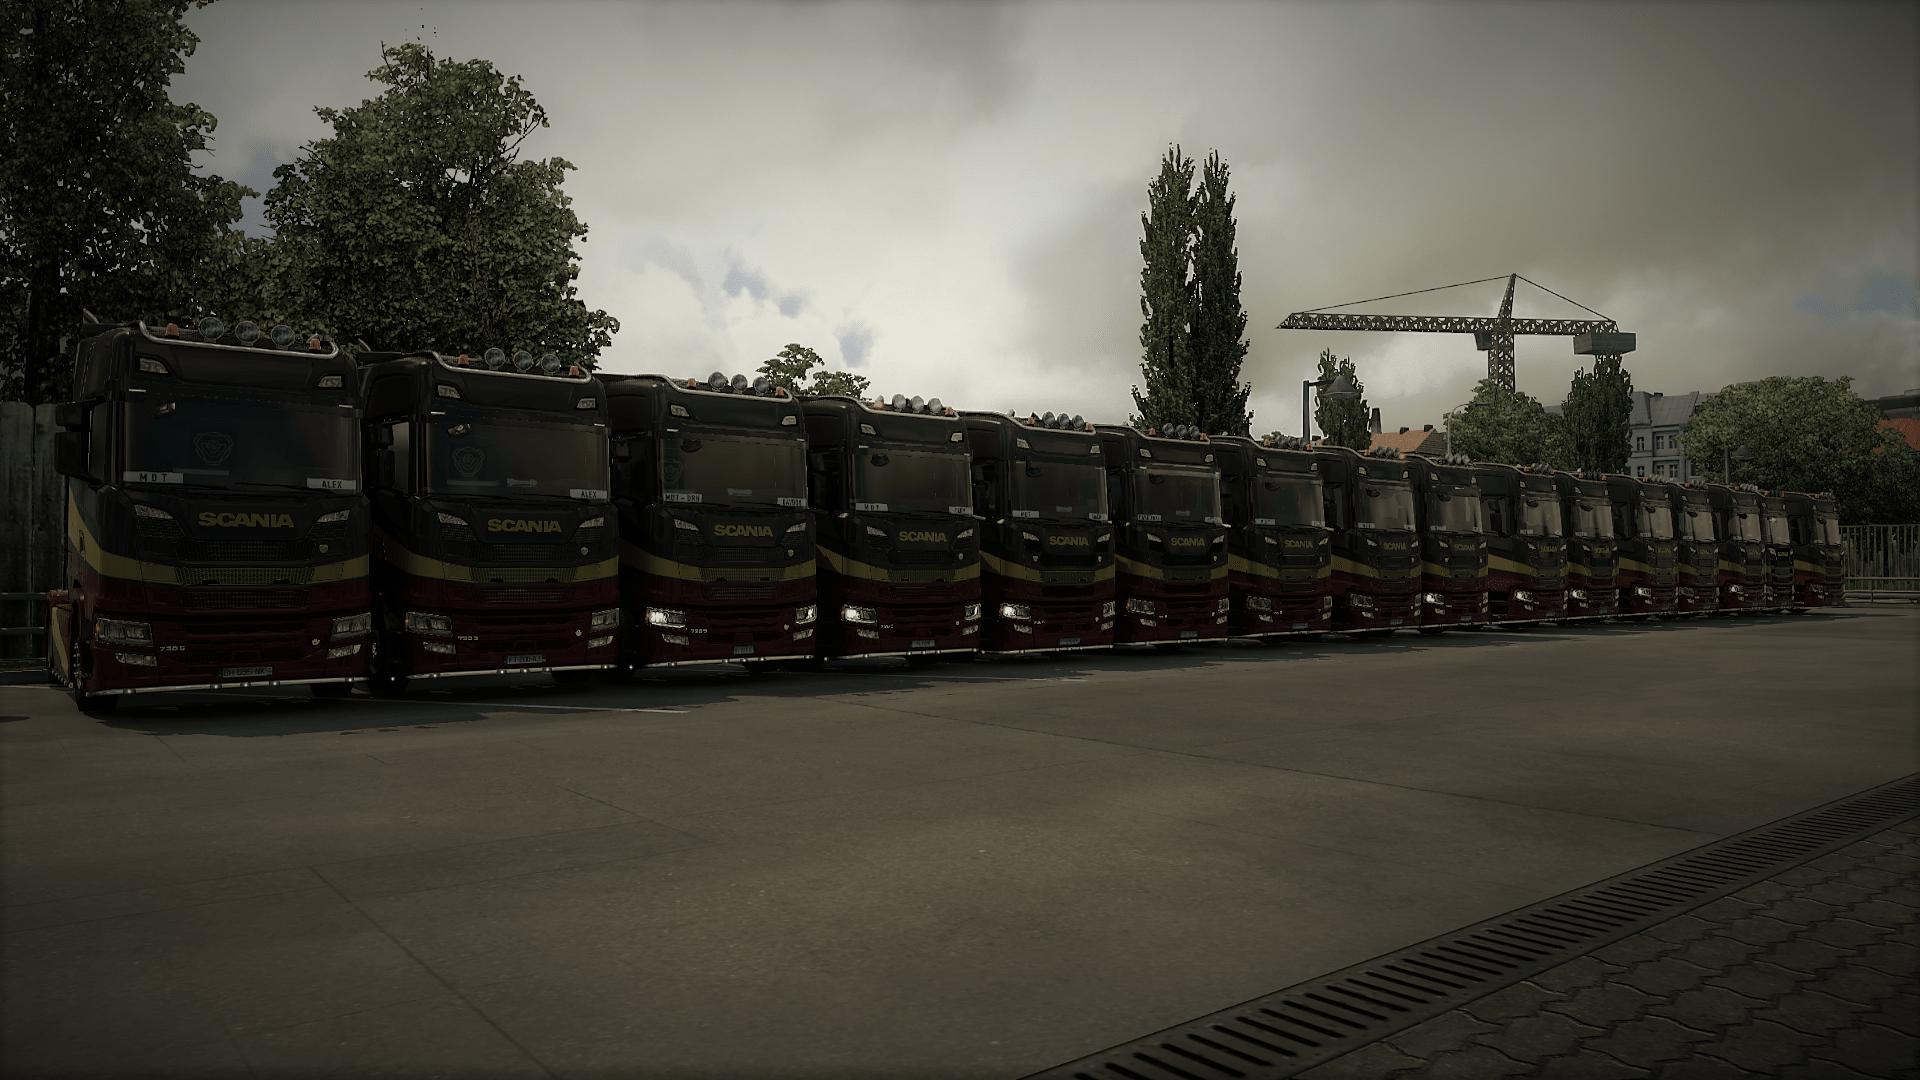 Convoi Privée / Private Convoy